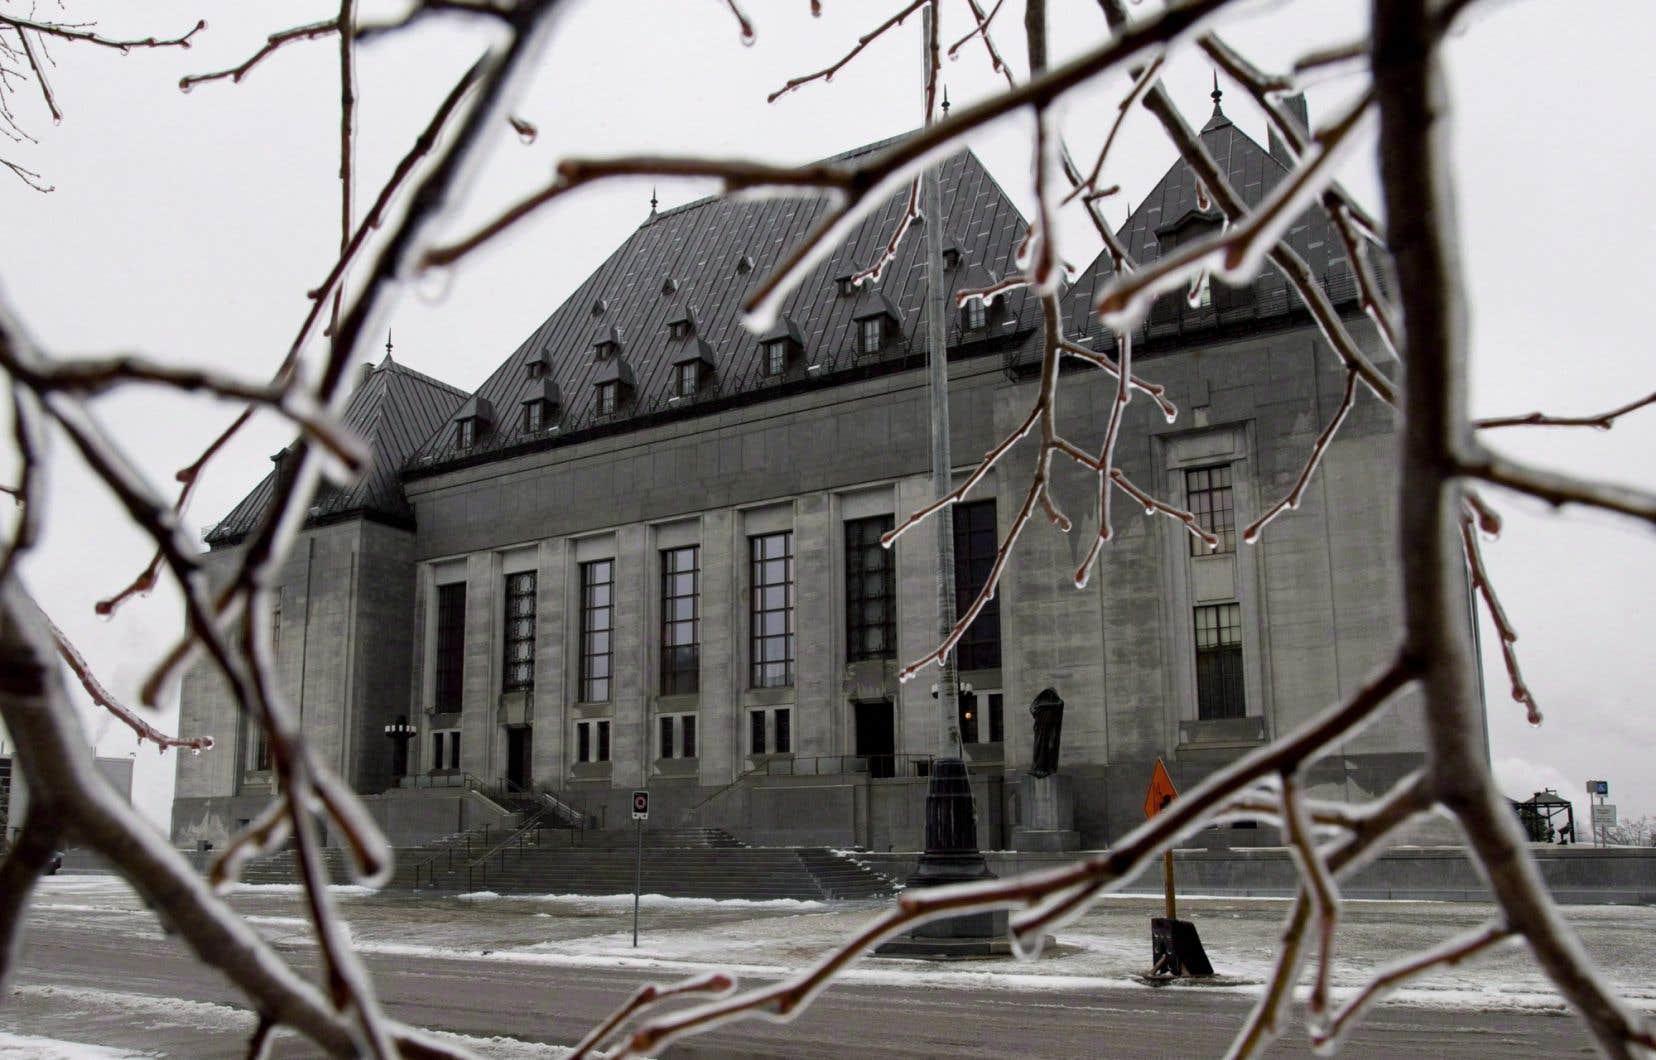 La Cour suprême du Canada entendra la cause des parents des élèves de l'école Rose-des-vents, la seule école primaire francophone à l'ouest de la rue Main à Vancouver.